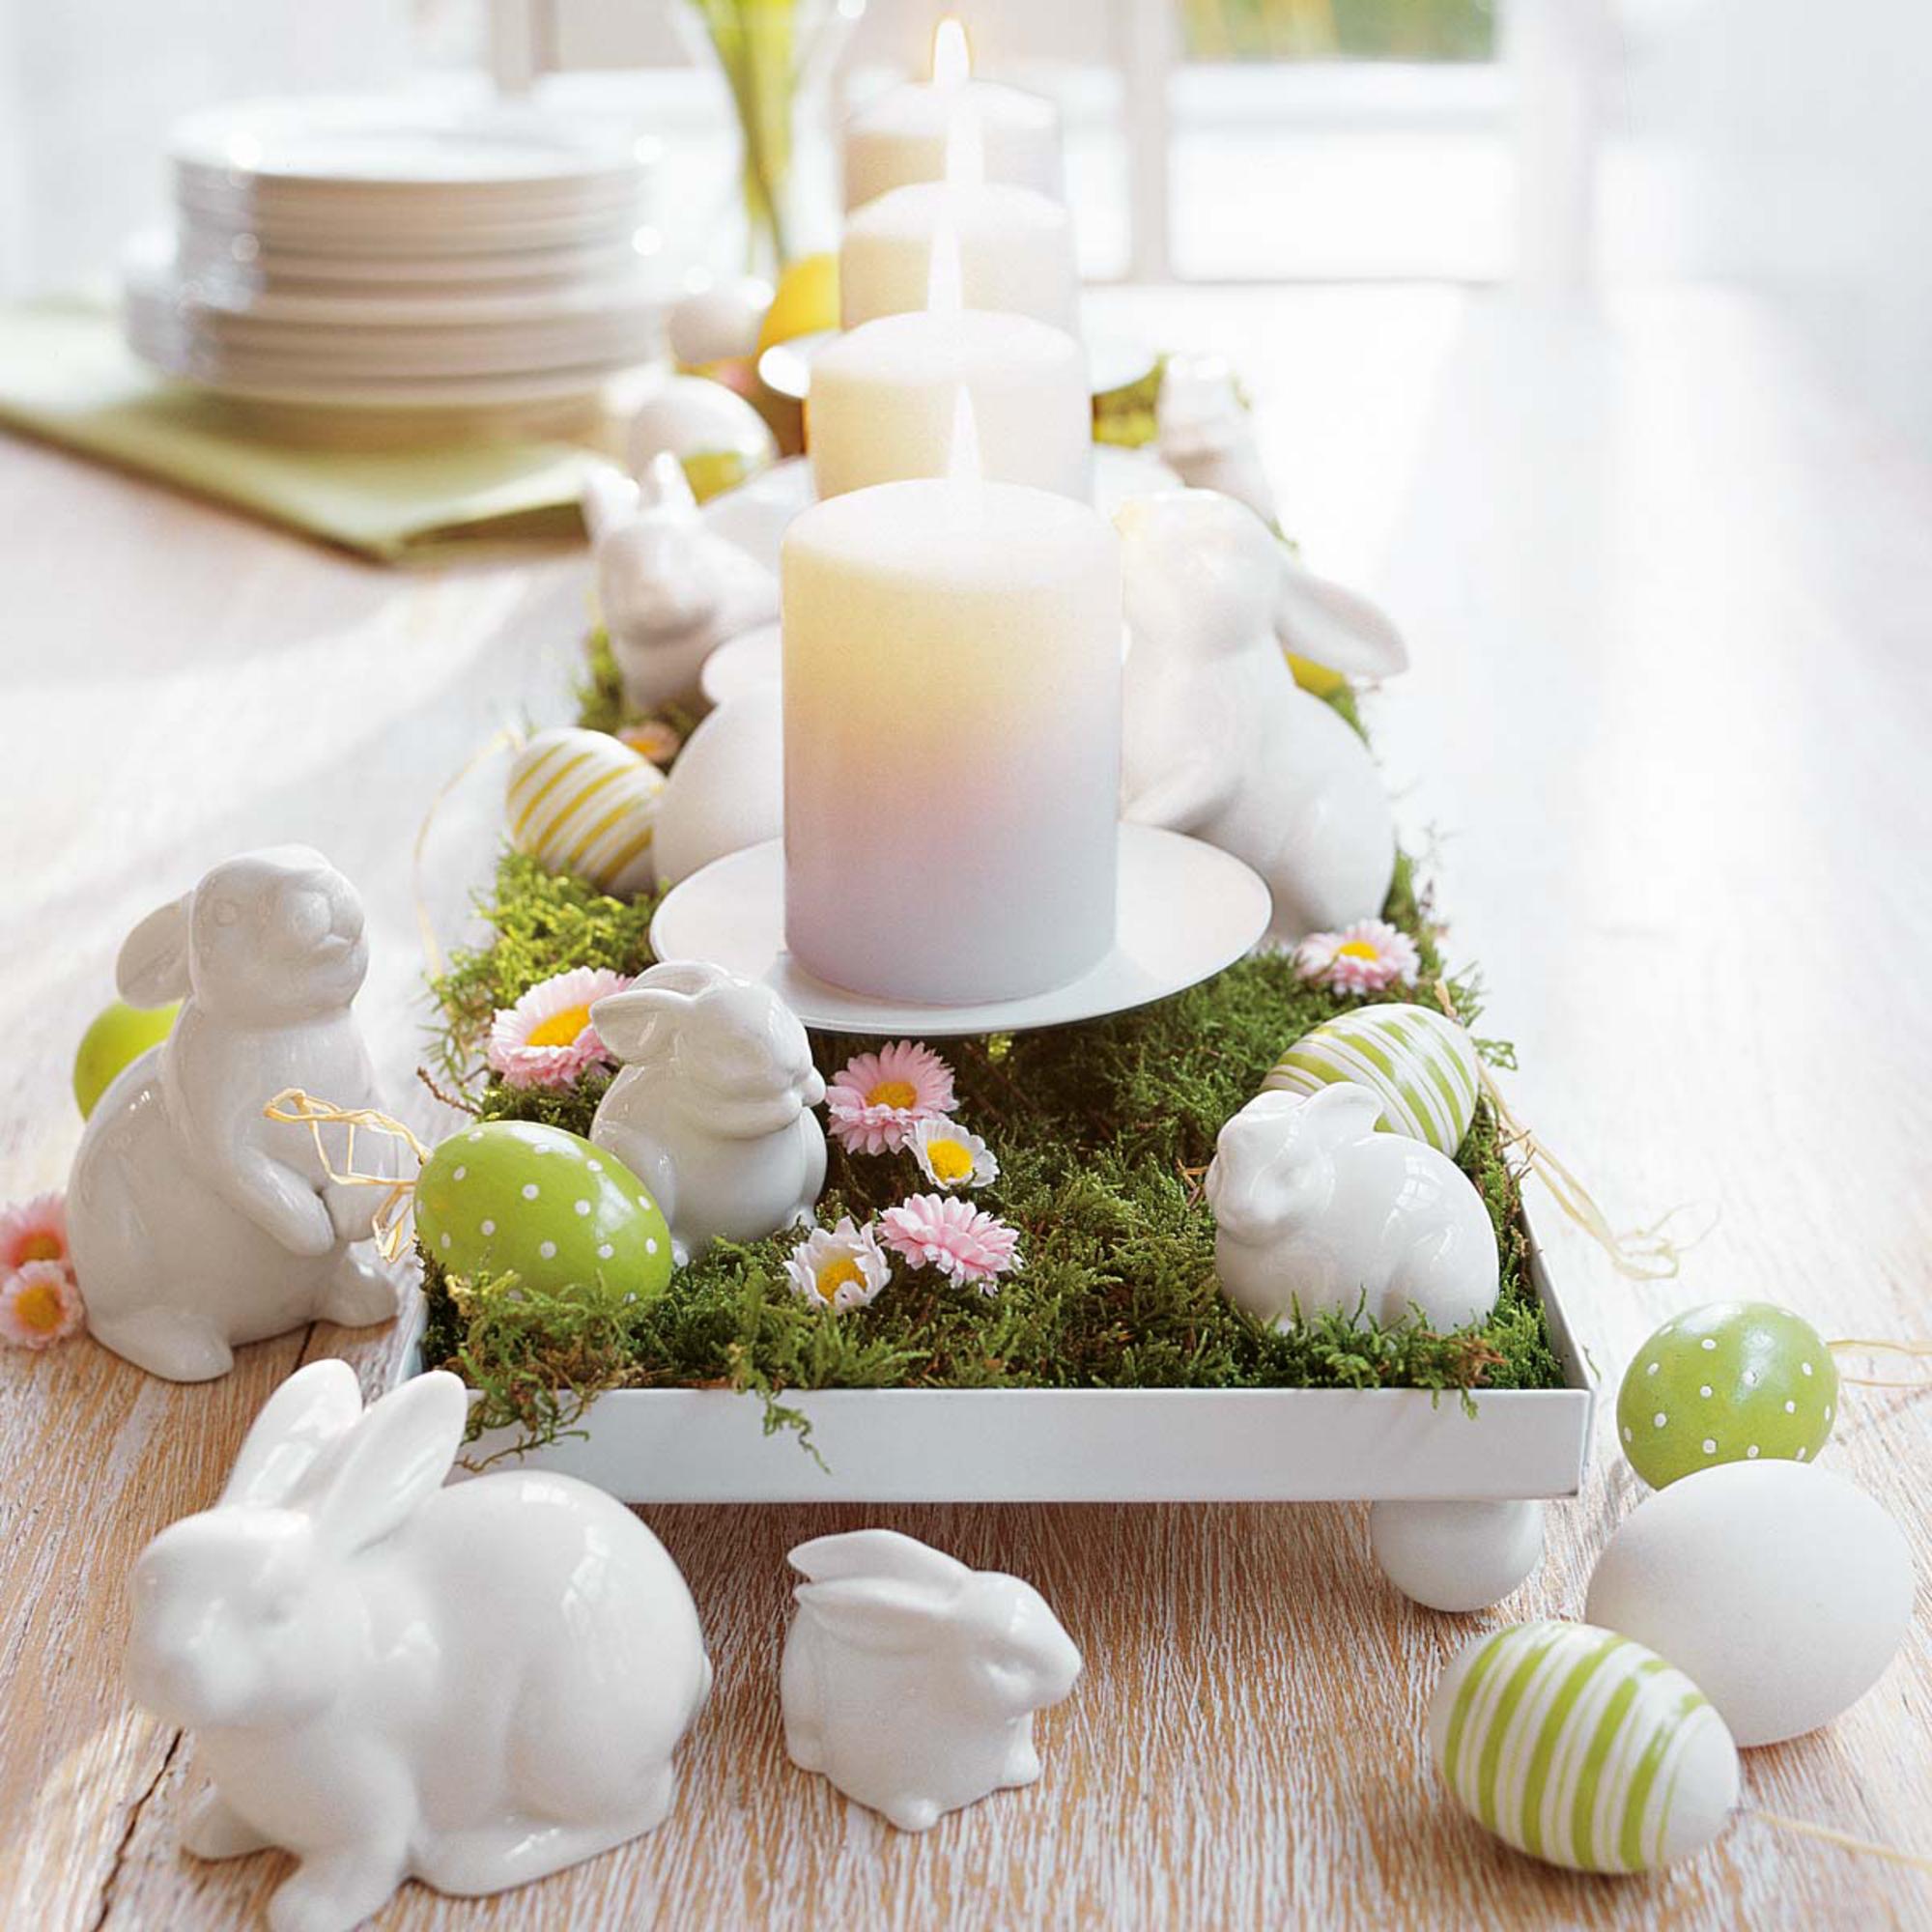 Décoration de Pâques - Décoration de table de vacances